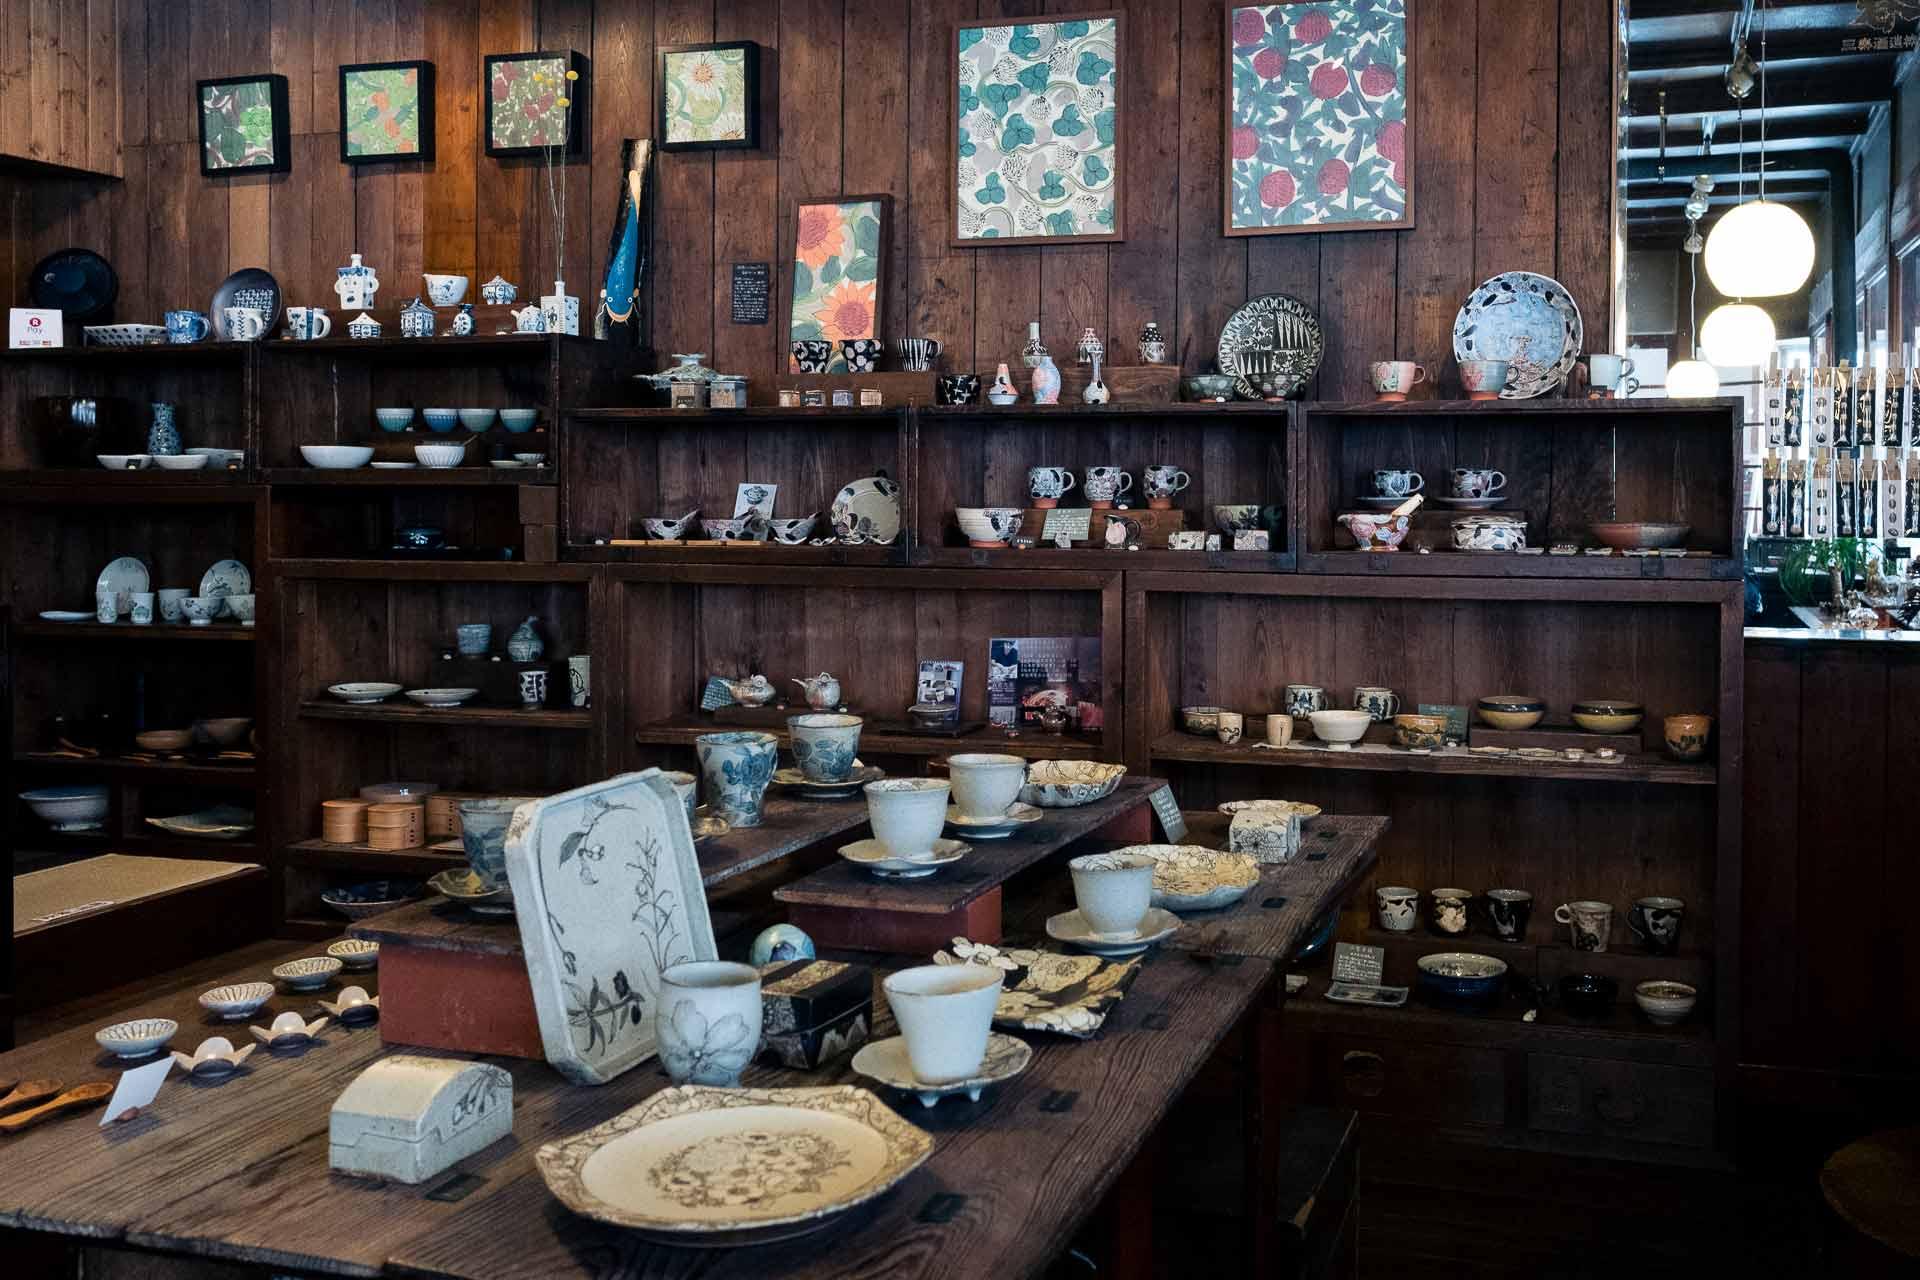 店内には北海道で活躍する作家を中心に、全国各地の作家の作品が並んでいます